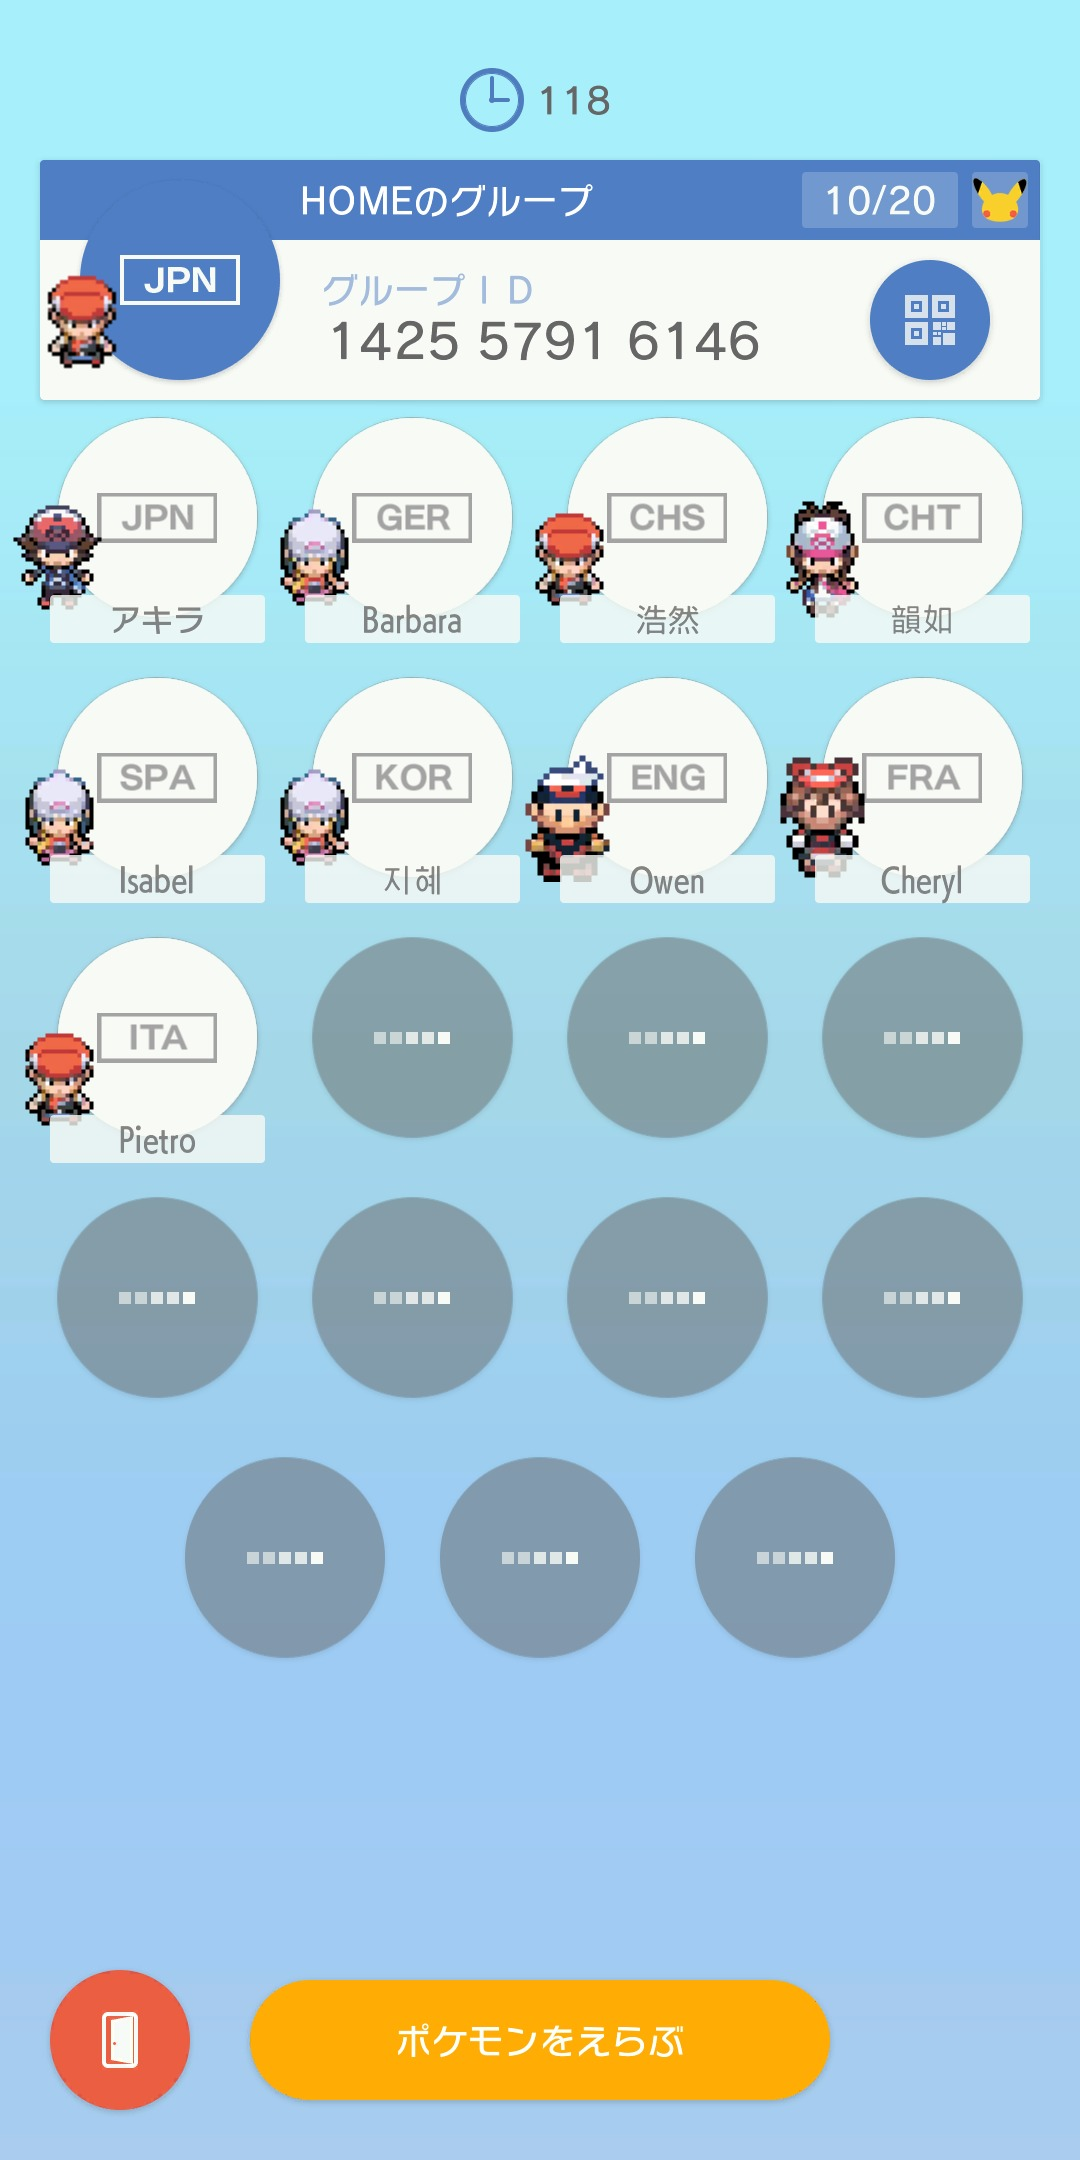 グループ交換2 (C)2020 Pokémon. (C)1995-2020 Nintendo/Creatures Inc. /GAME FREAK inc.